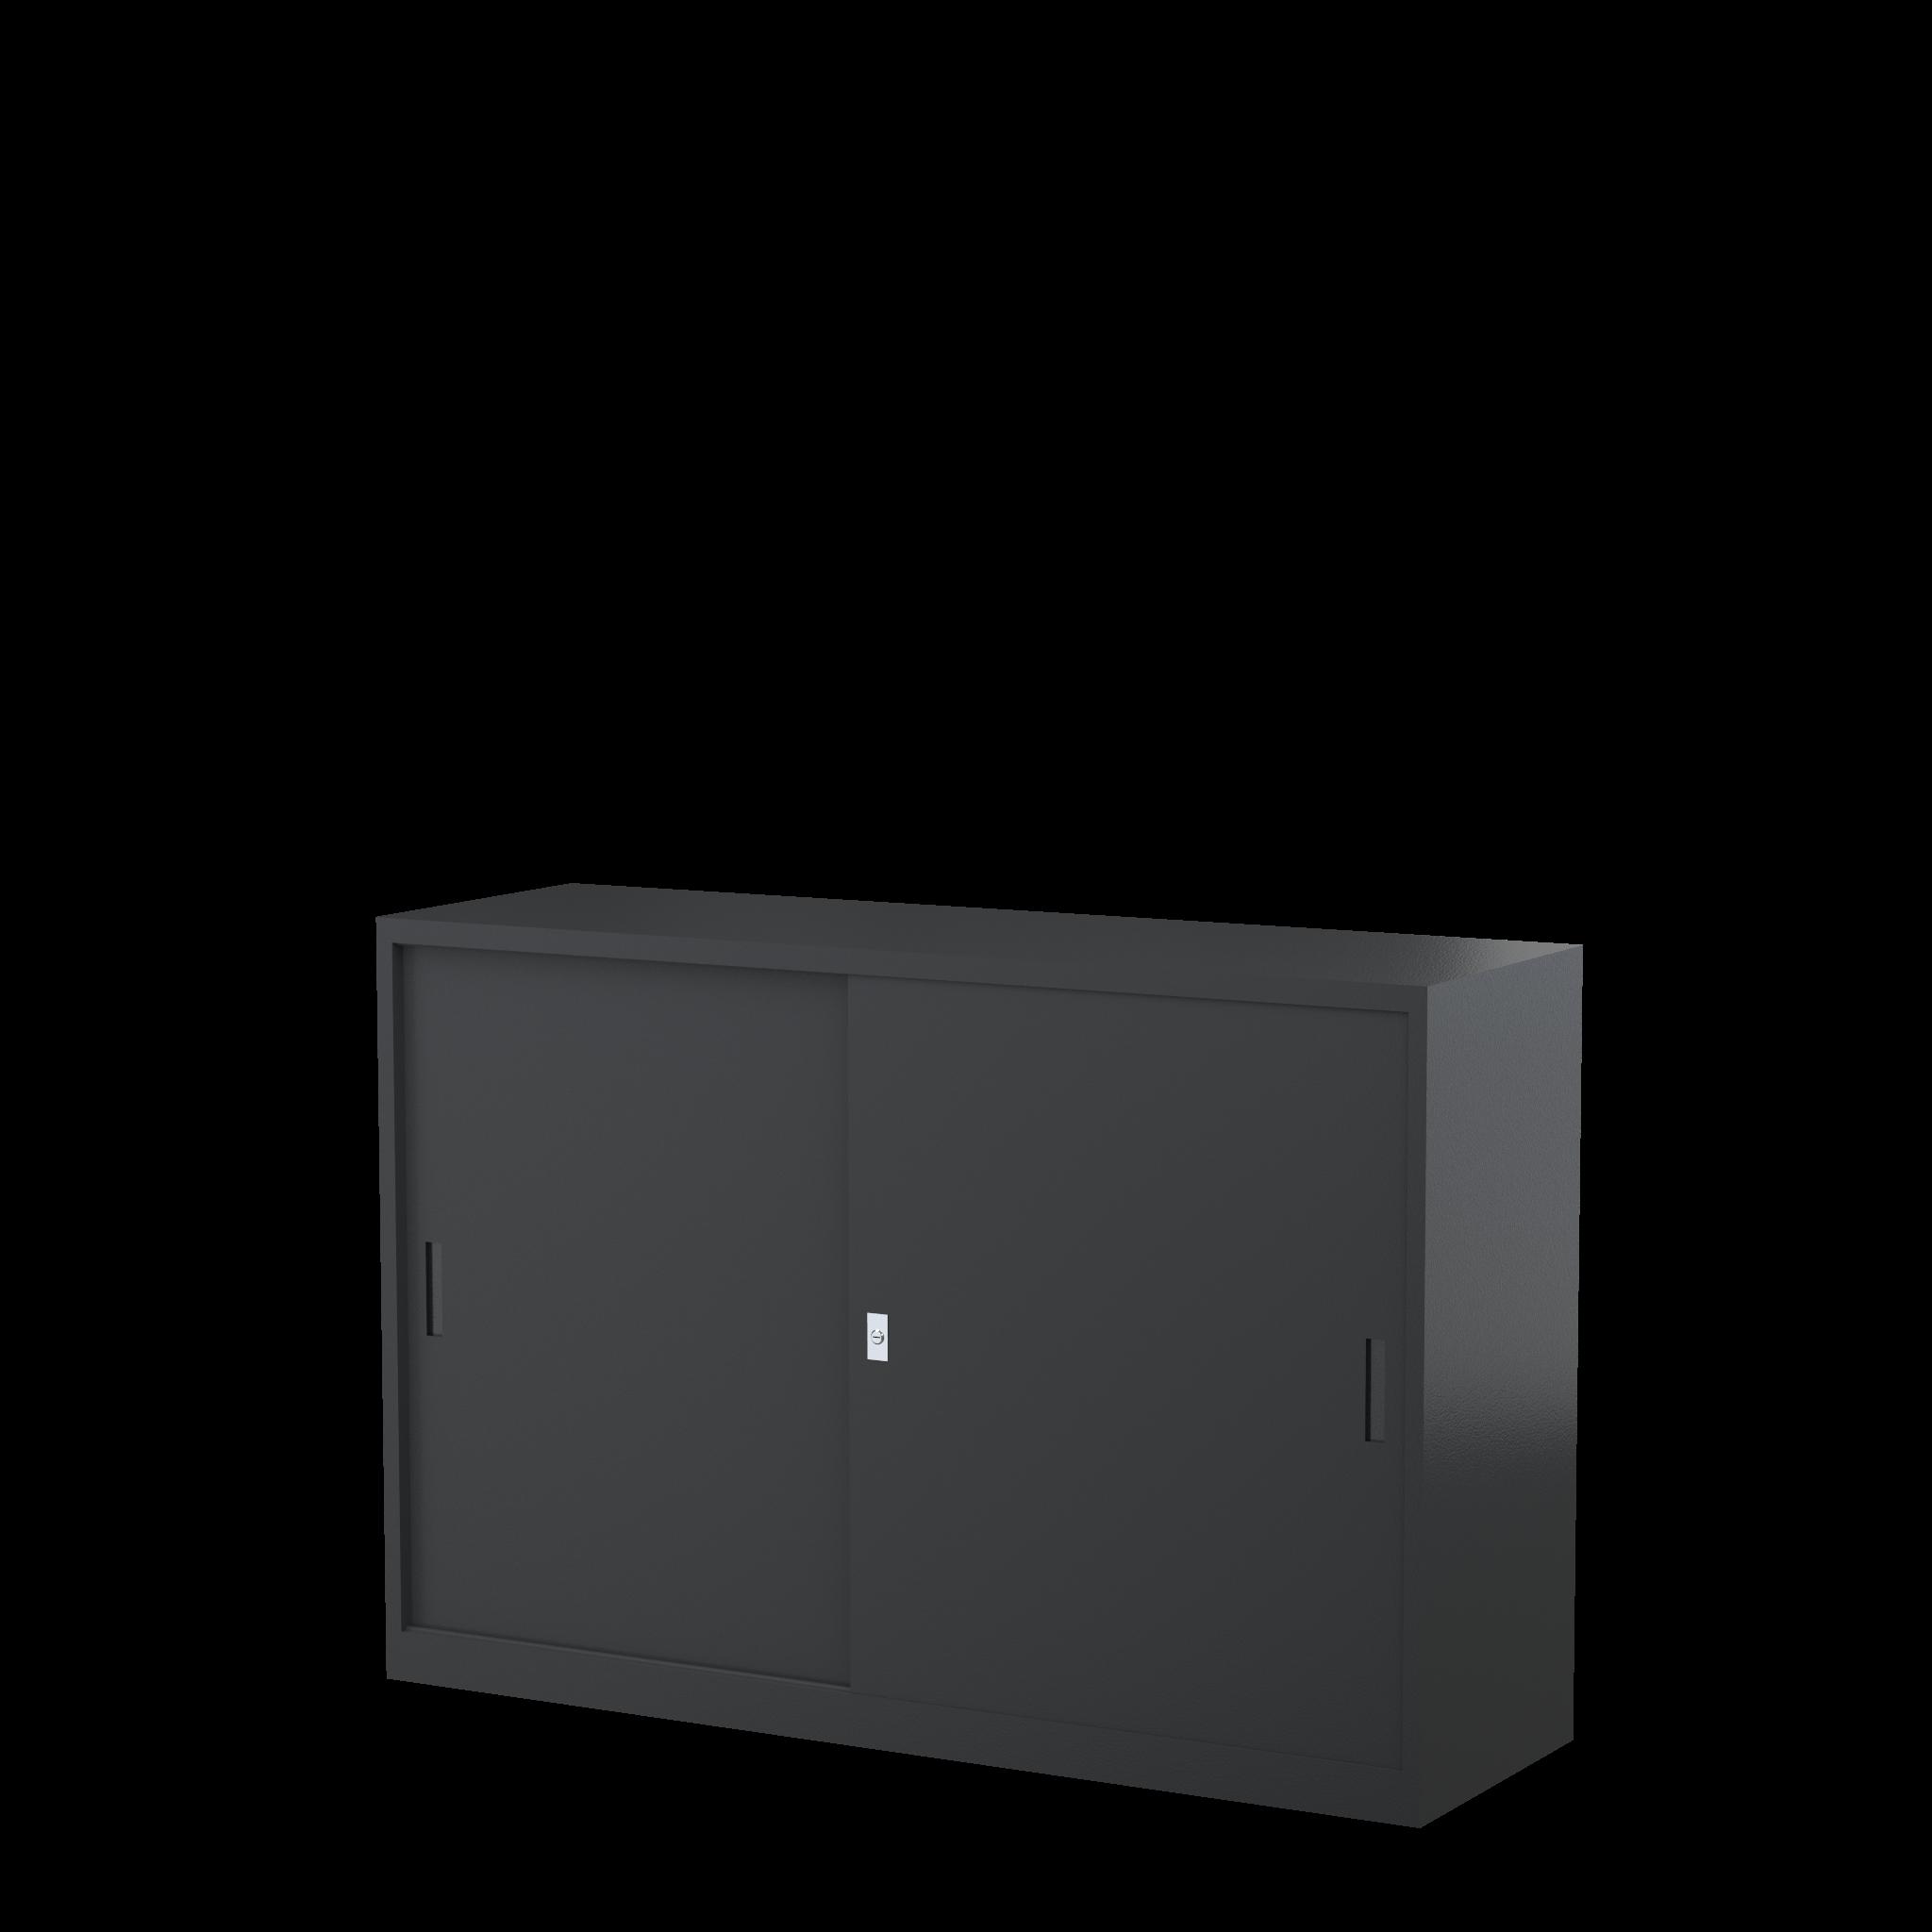 Steelco Sliding Door Cabinet